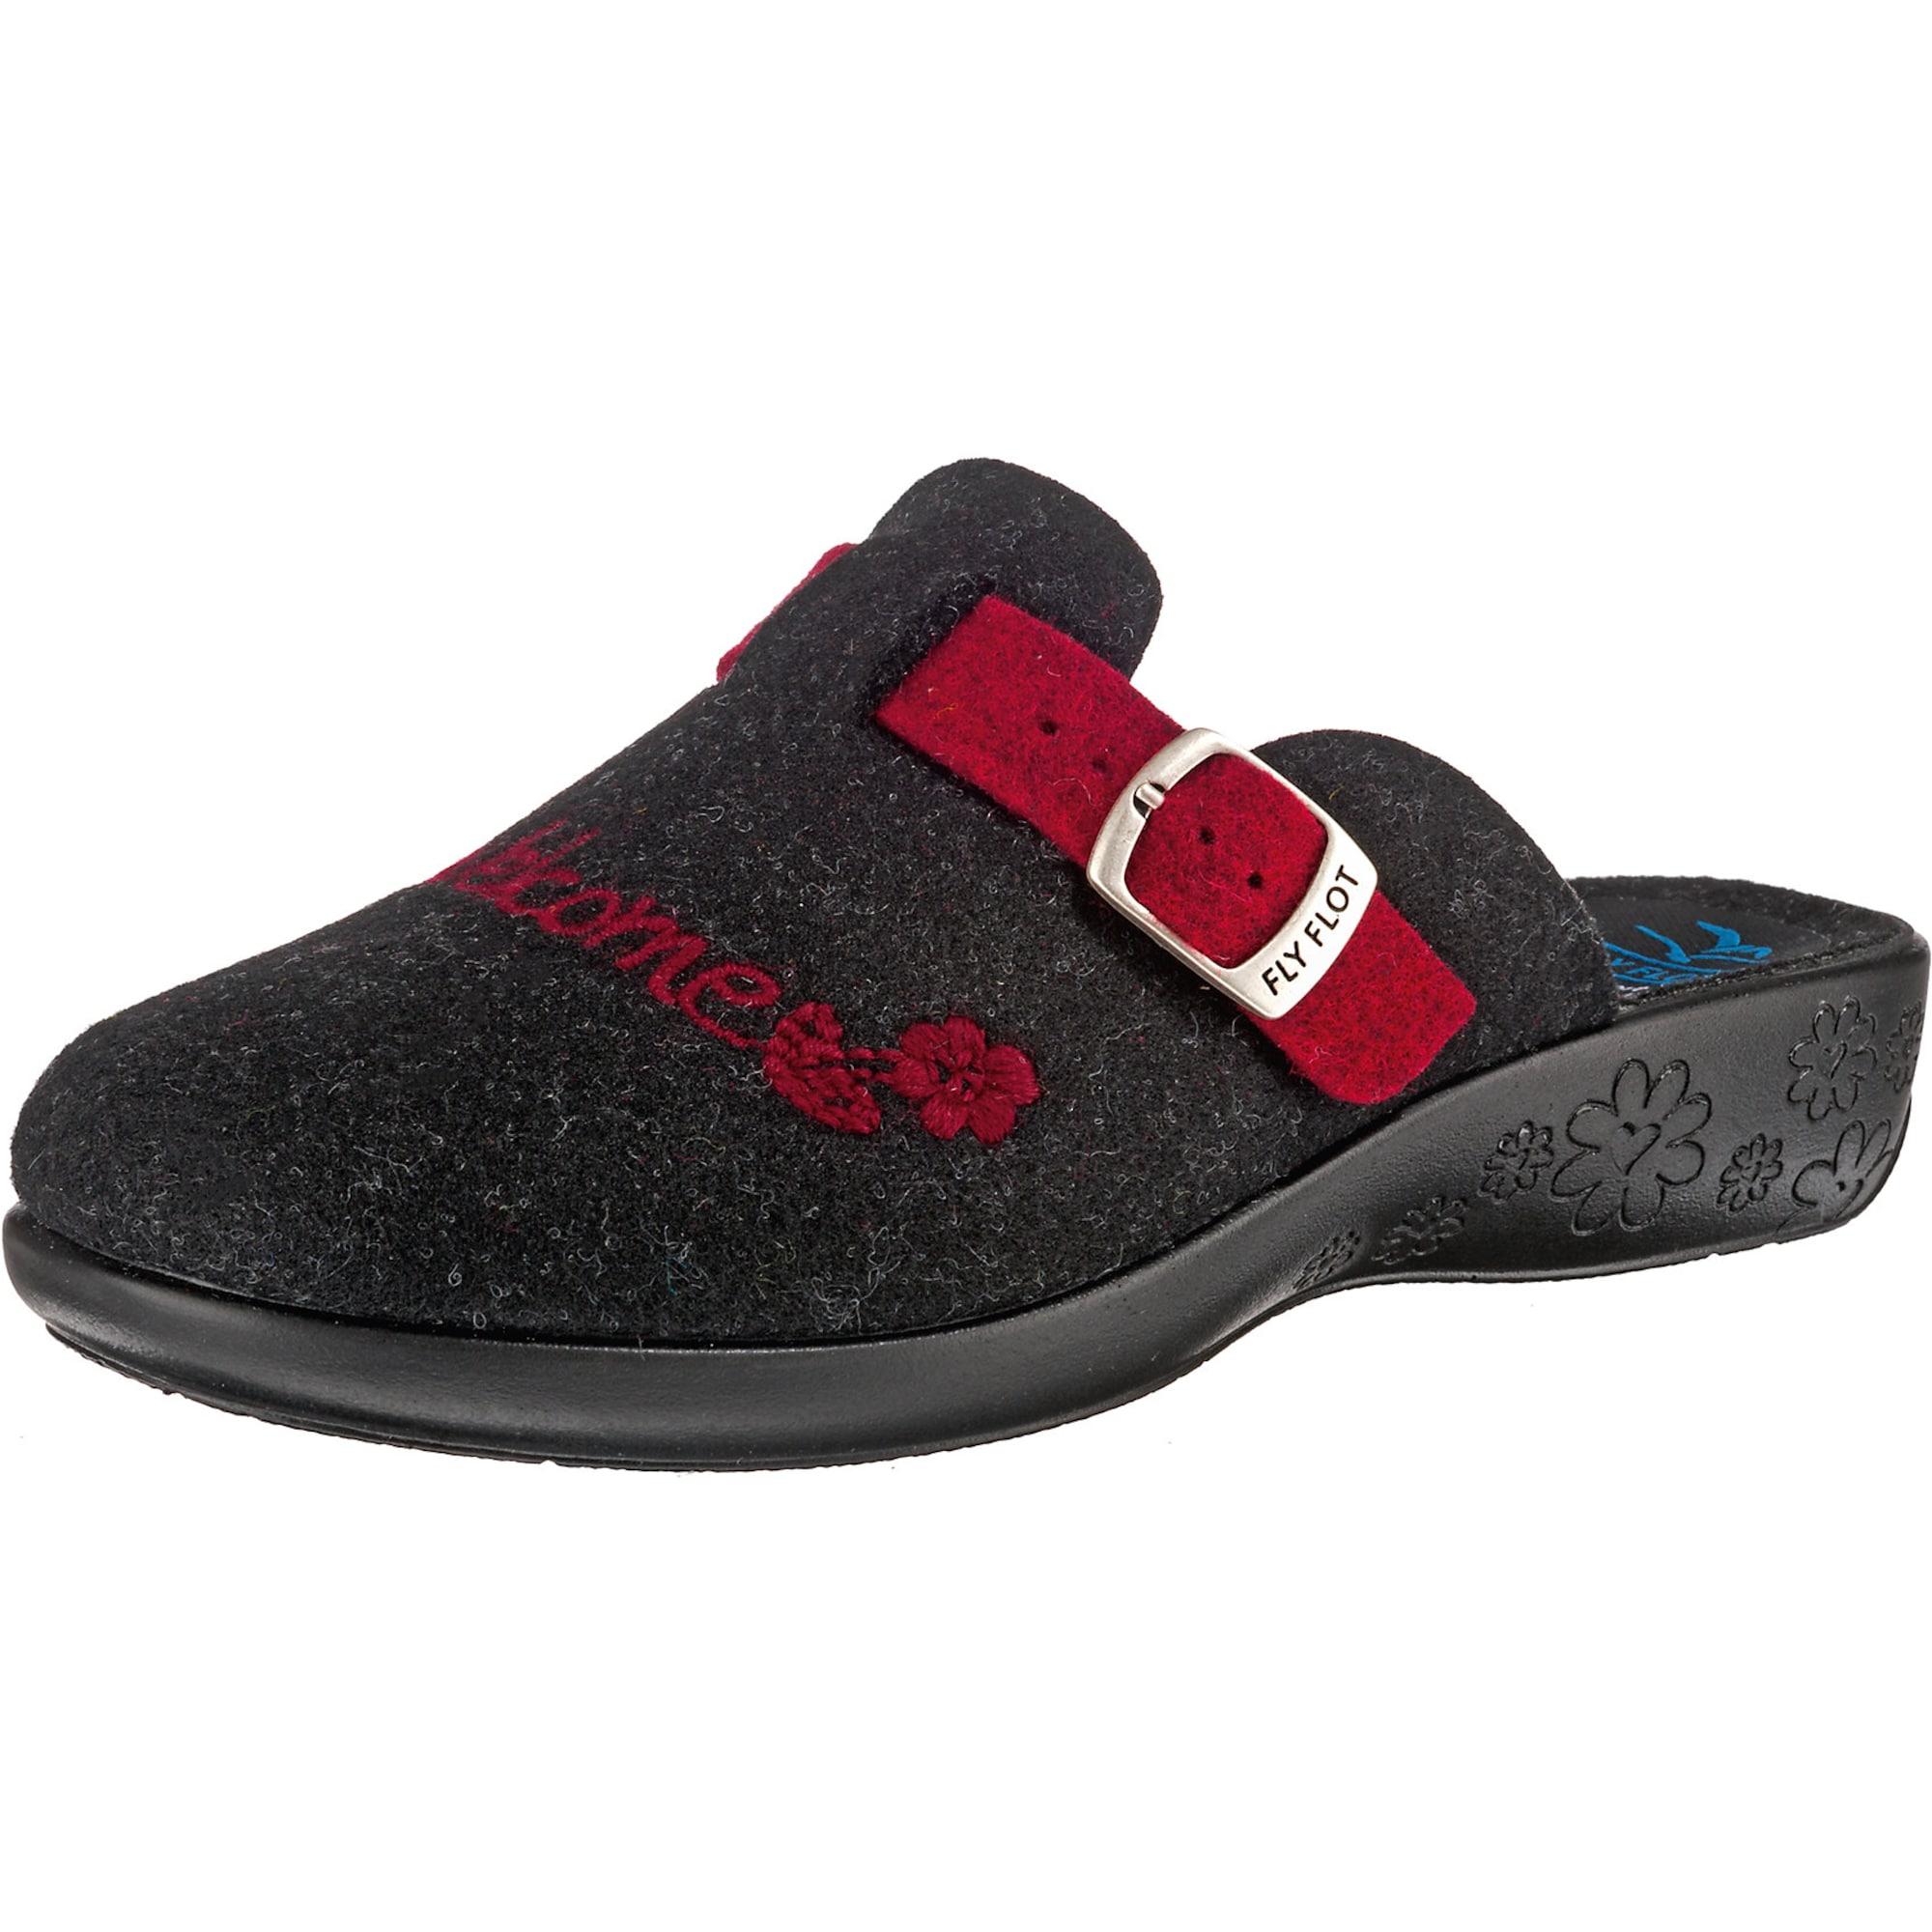 Pantoffeln | Schuhe > Hausschuhe > Pantoffeln | Anthrazit - Rot | FLY FLOT